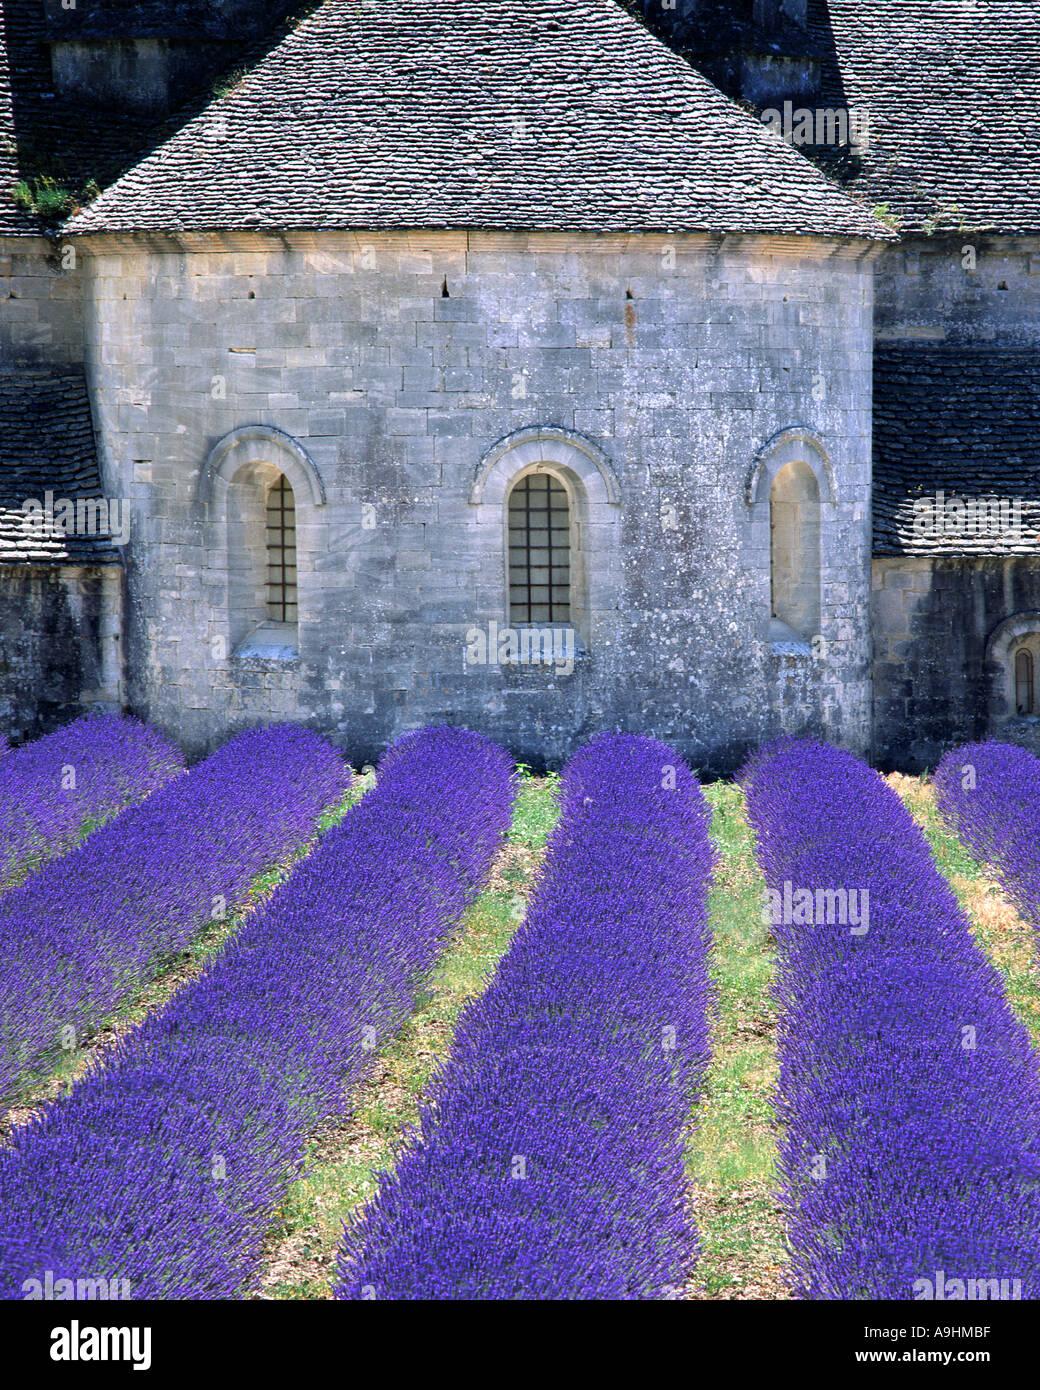 FR - Provence: Abbaye de Senanque vicino a Gordes Immagini Stock